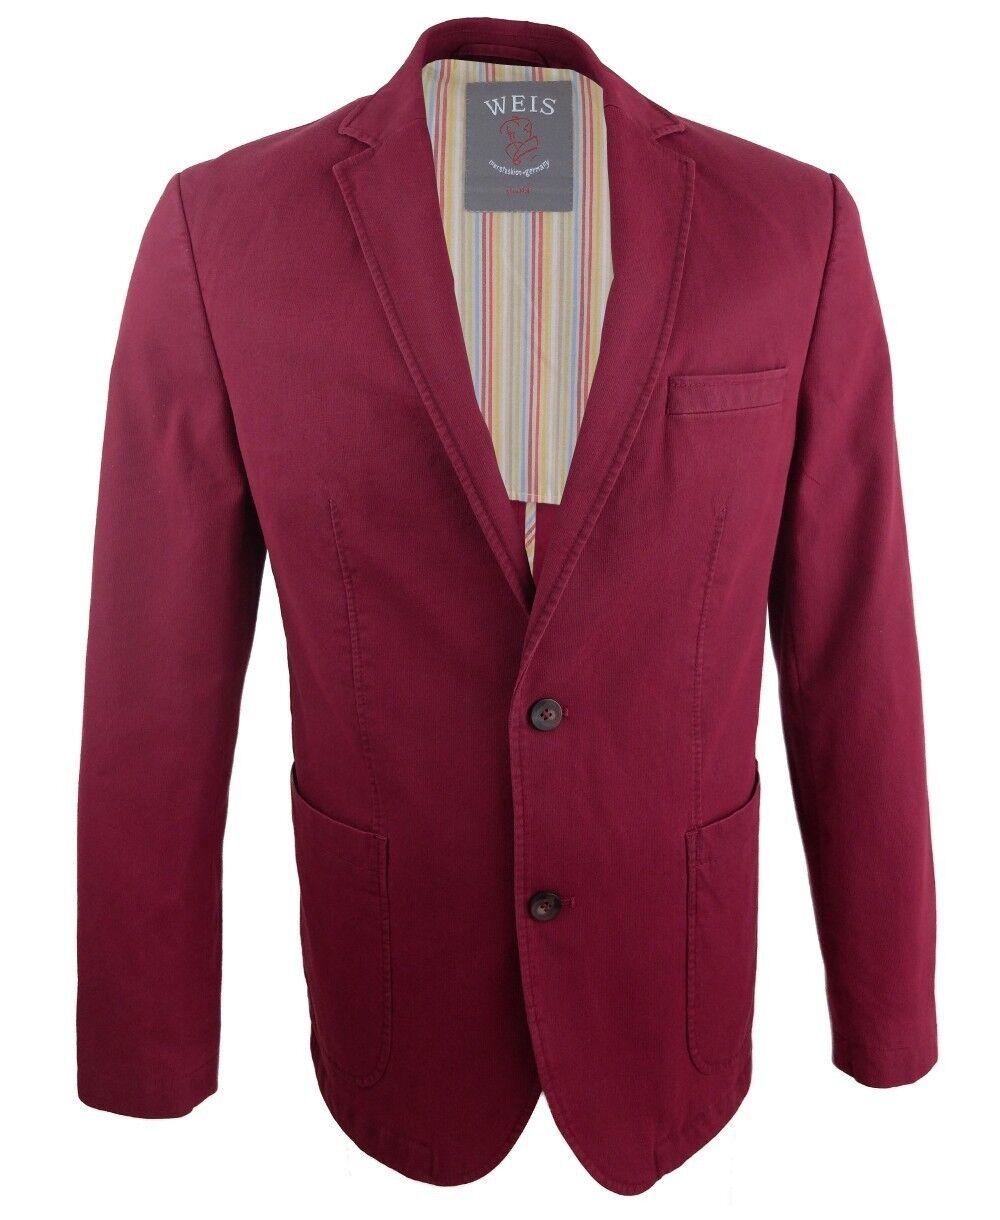 Gebr. Weis Sakko Stretch Modern Fashion in weinrot Gr. 50 52 58 60